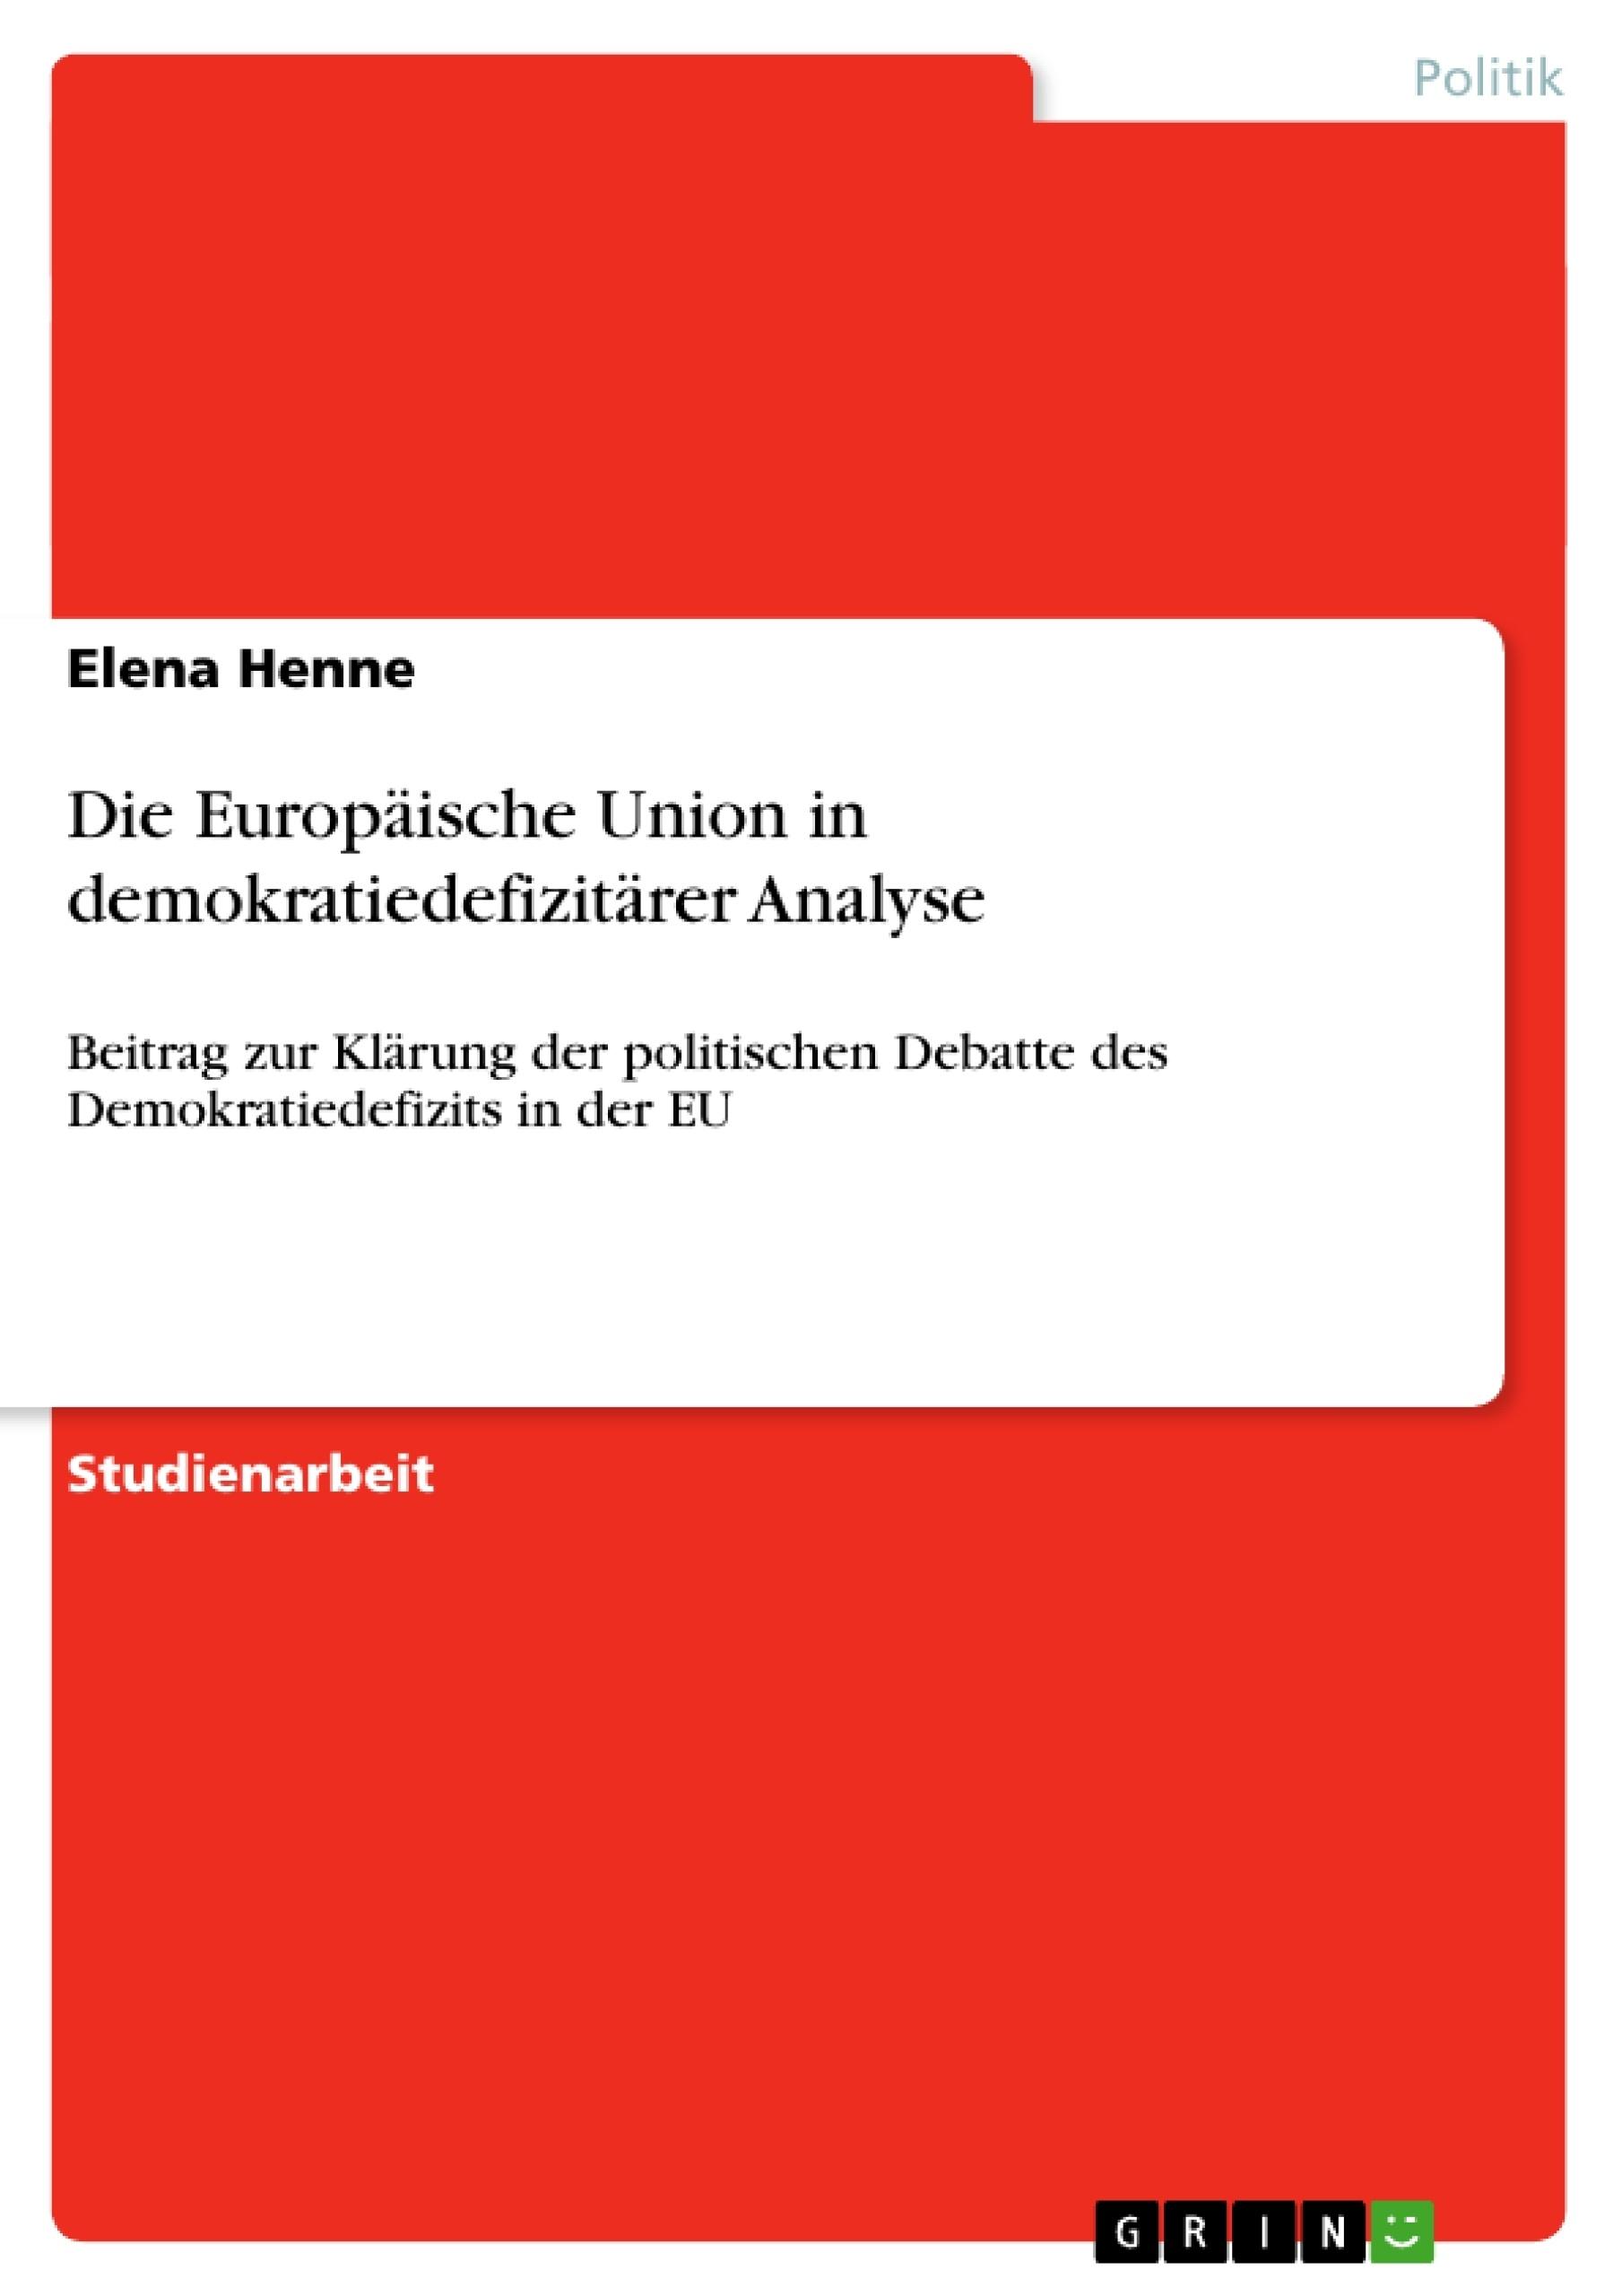 Titel: Die Europäische Union in demokratiedefizitärer Analyse